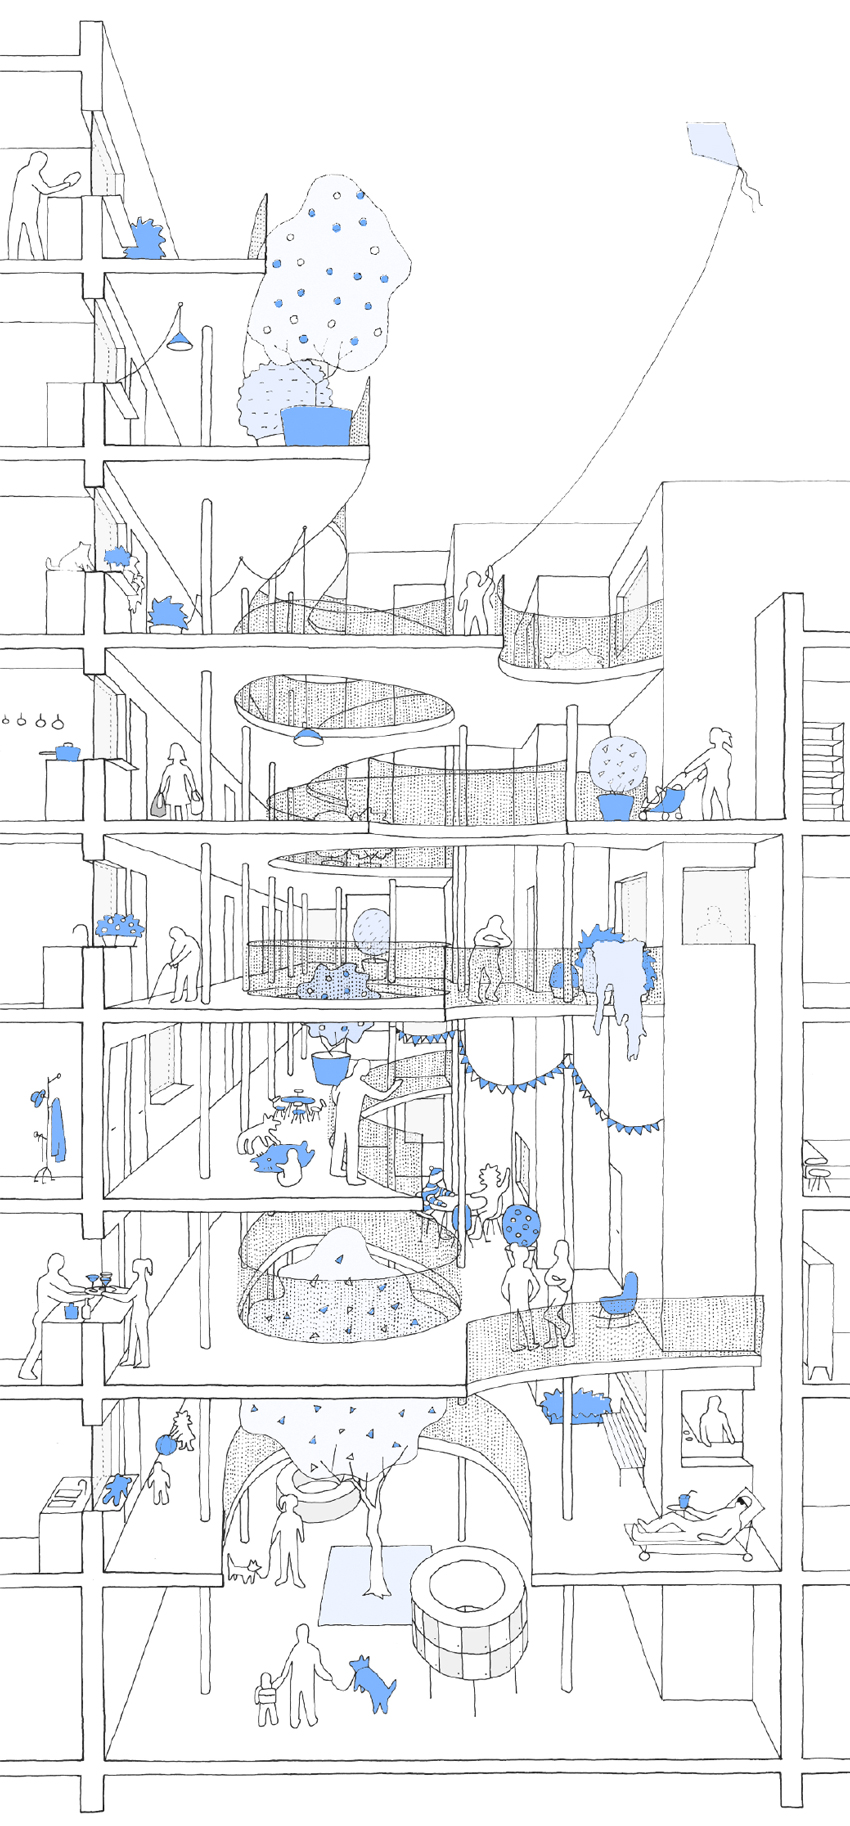 lobou sophie delhay architecte. Black Bedroom Furniture Sets. Home Design Ideas